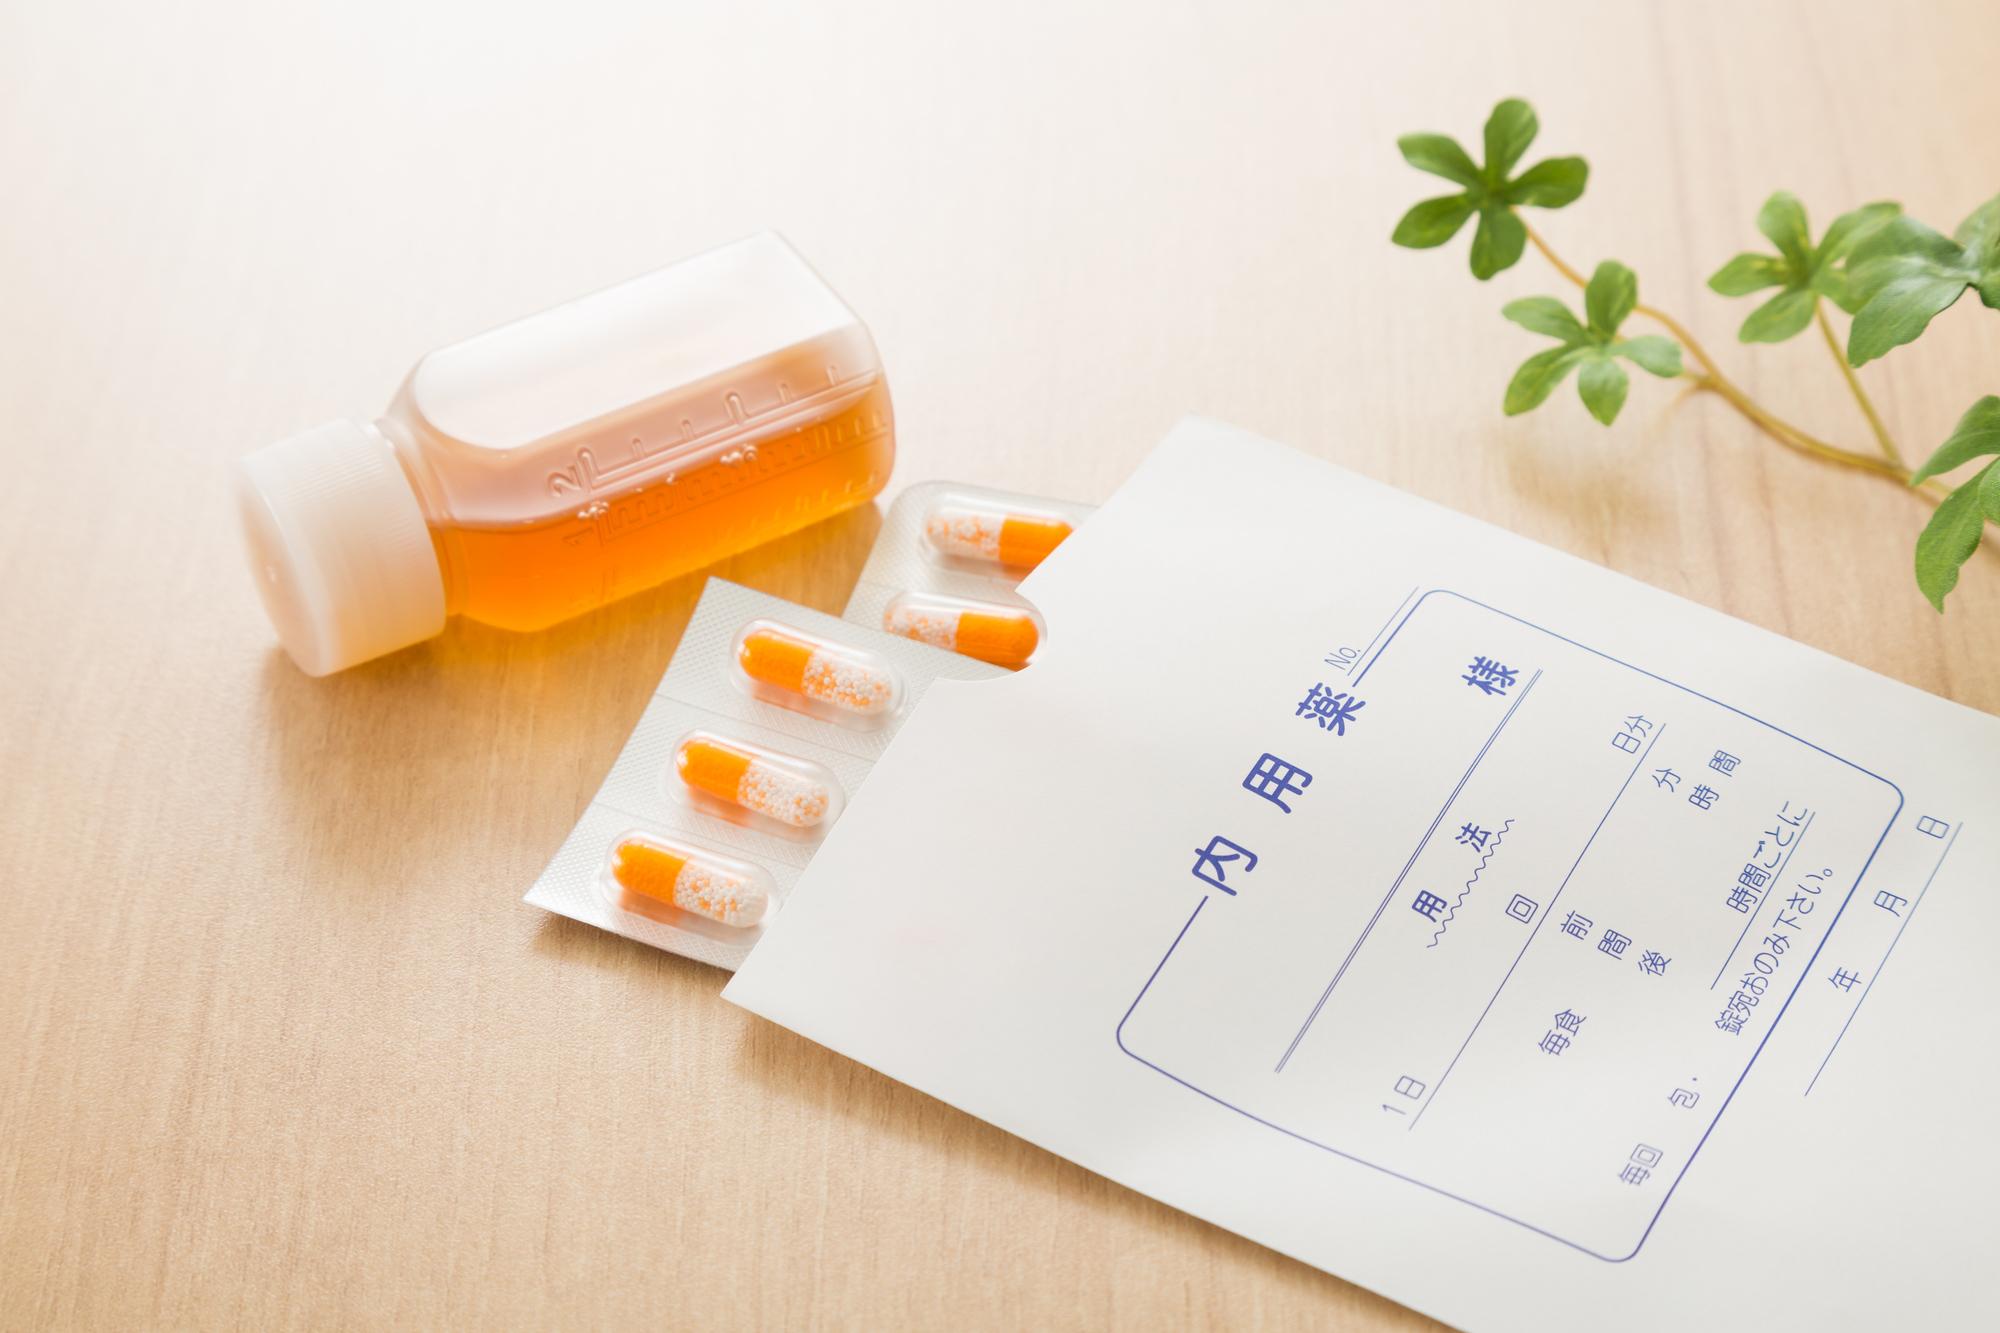 インフルエンザ予防接種の効果と副作用の主な症状